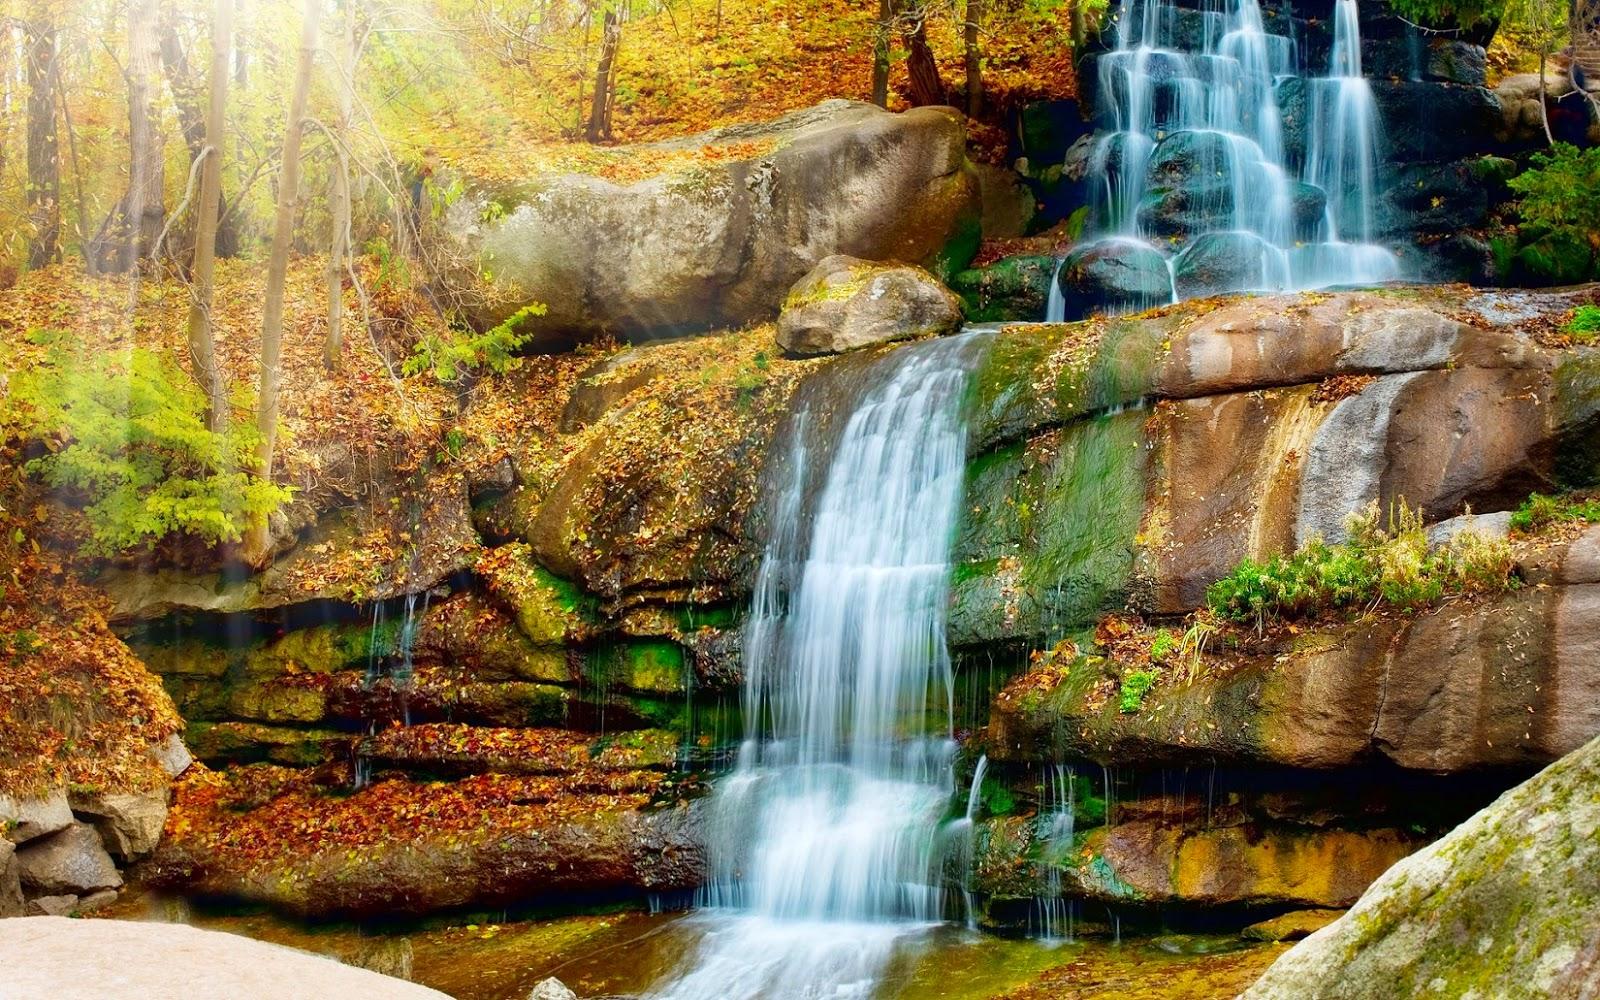 kumpulan gambar pemandangan air terjun